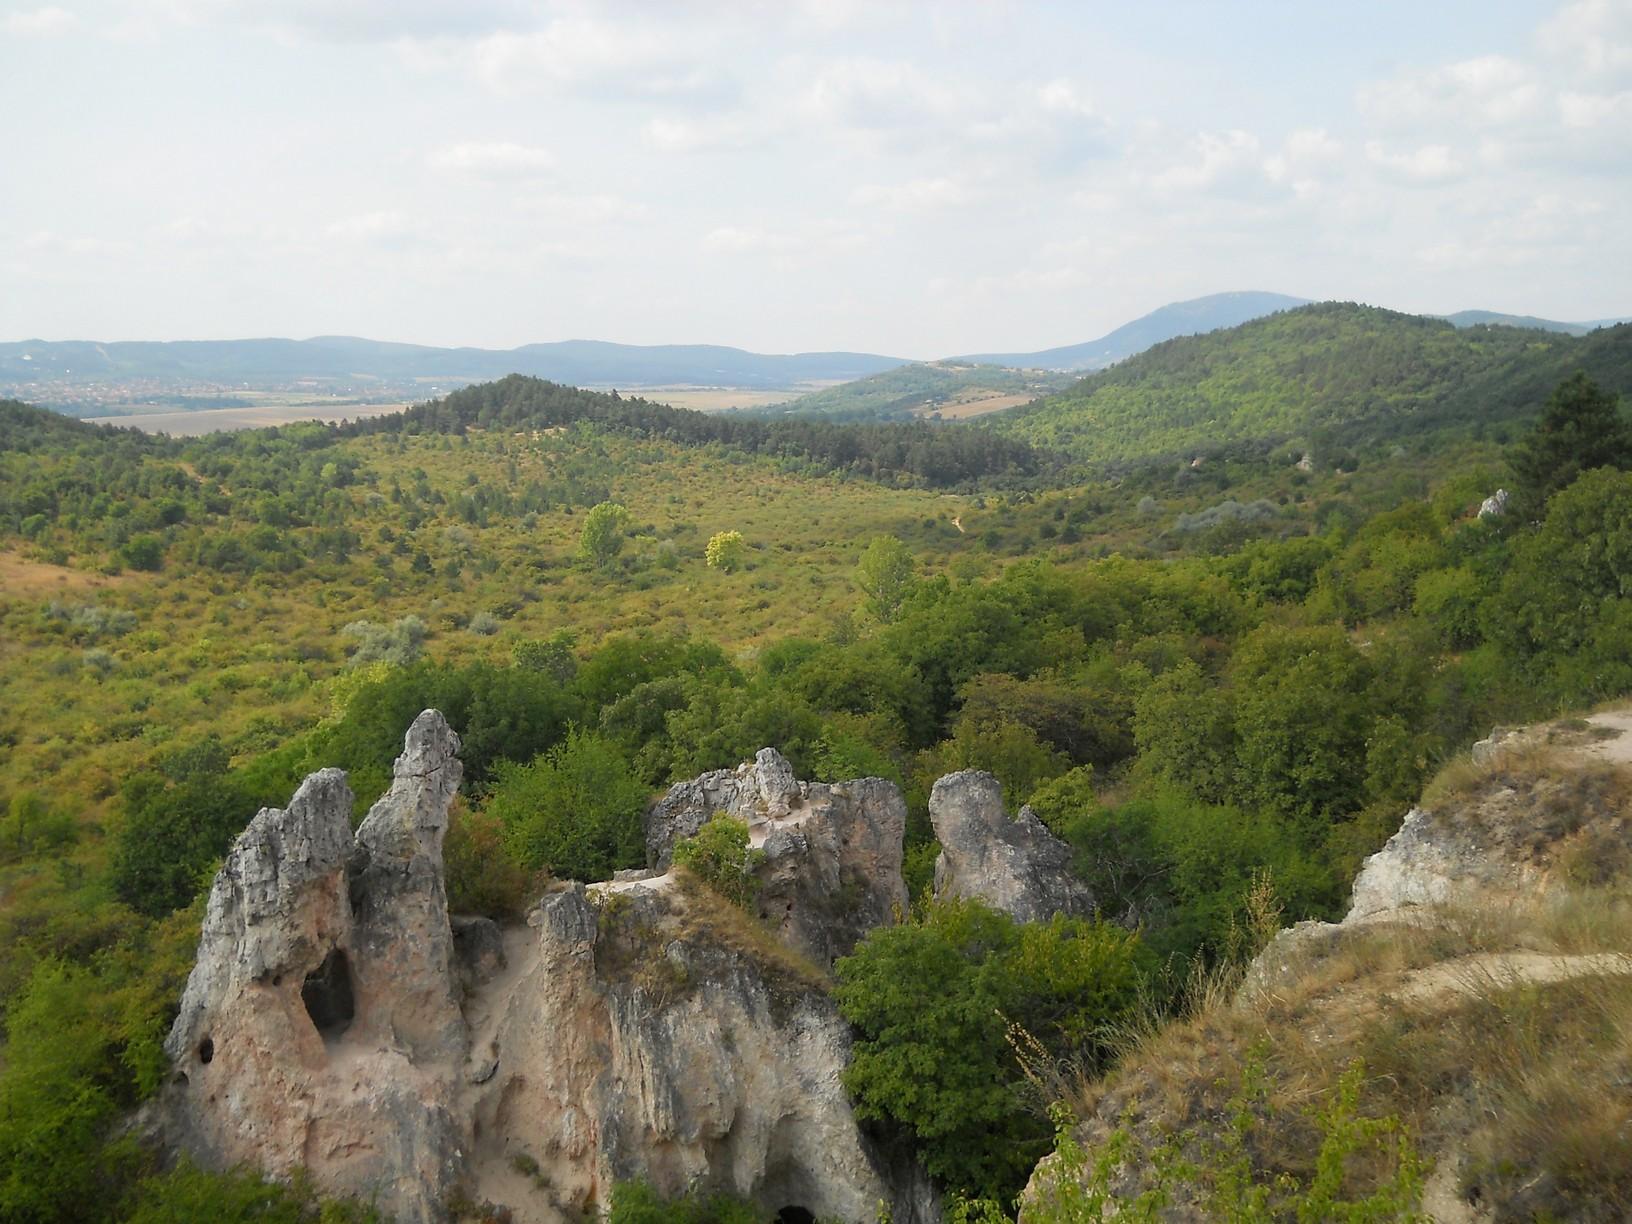 Kilátás a Pilisborosjenő és Csobánka közötti völgyre, előtérben a Teve-szikla